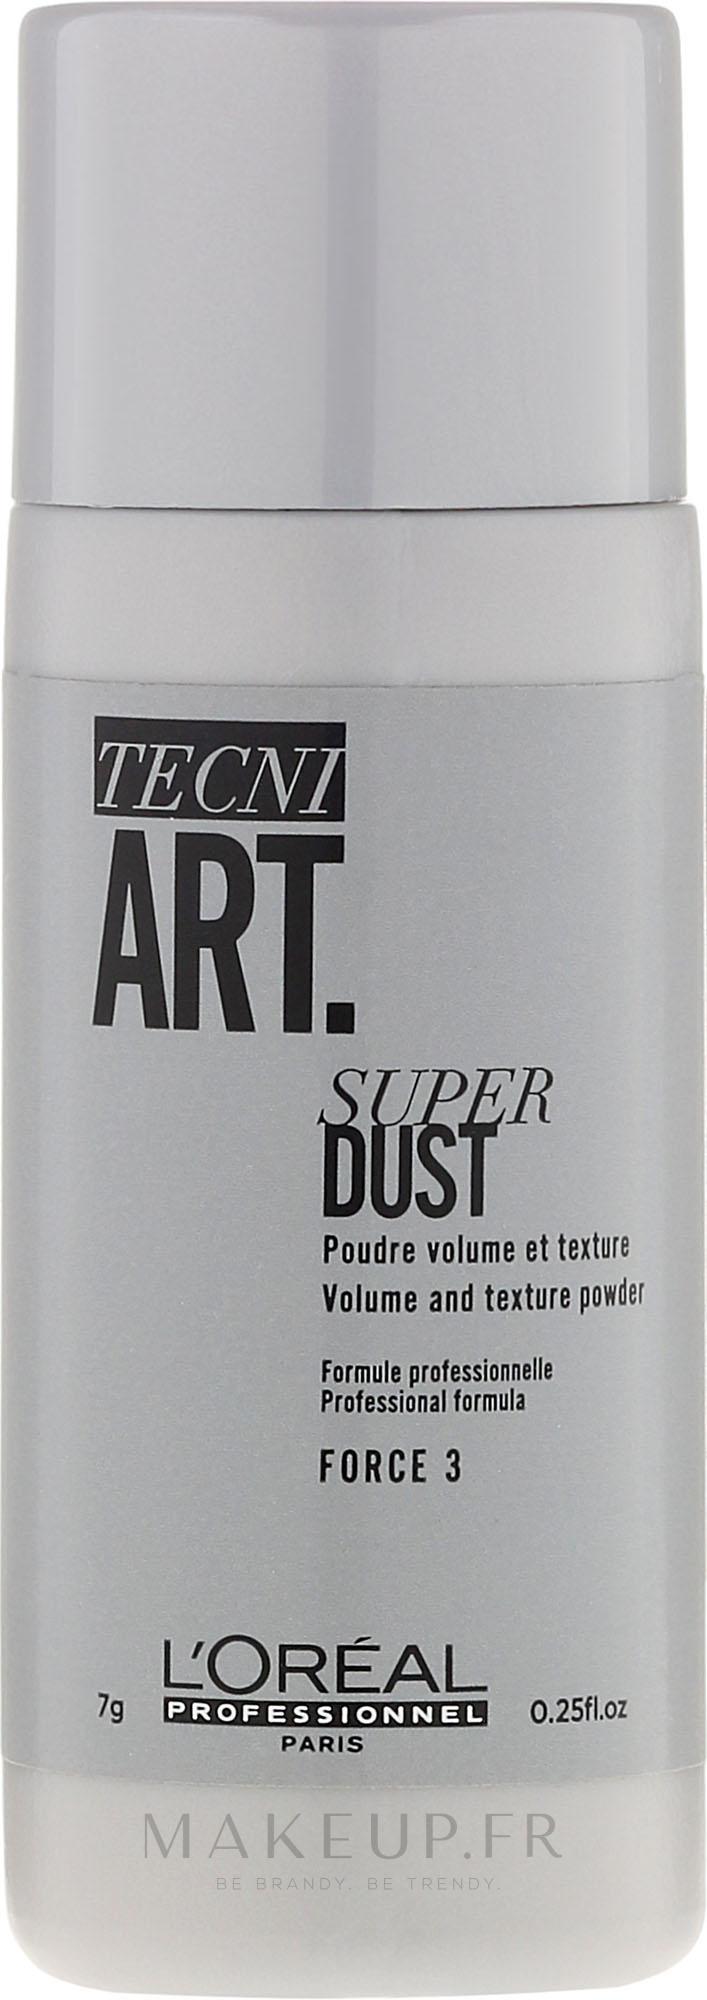 Poudre volumisante et texturisante pour les cheveux - L'Oreal Professionnel Tecni.Art Super Dust Force 3 — Photo 7 g